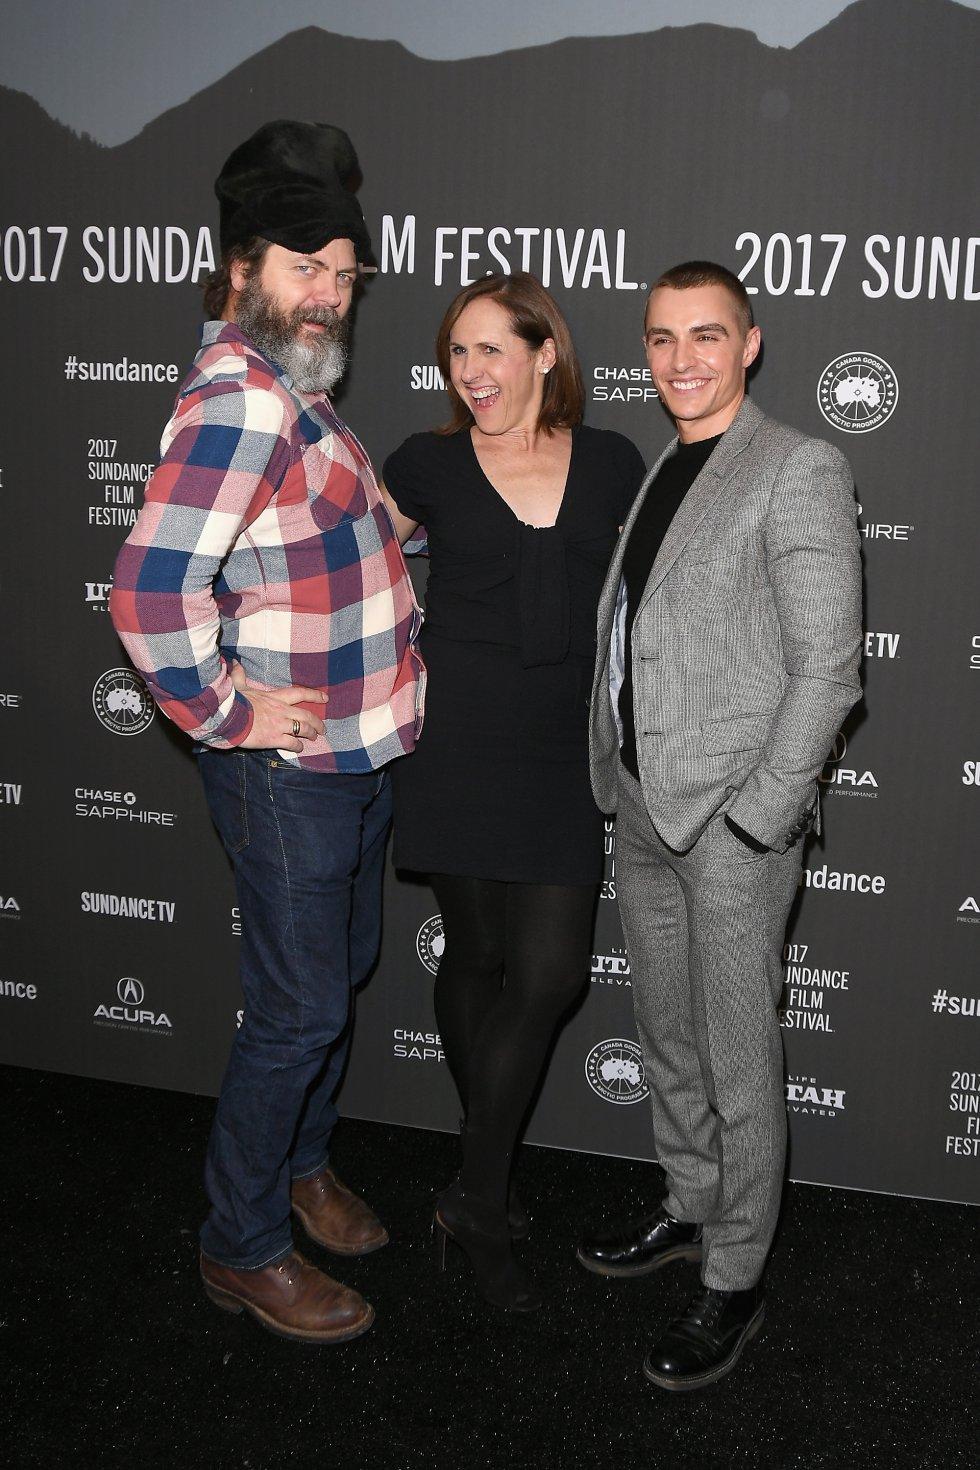 Actors Nick Offerman, Molly Shannon, y Dave Franco en El Festival de Cine de Sundance en Utah.